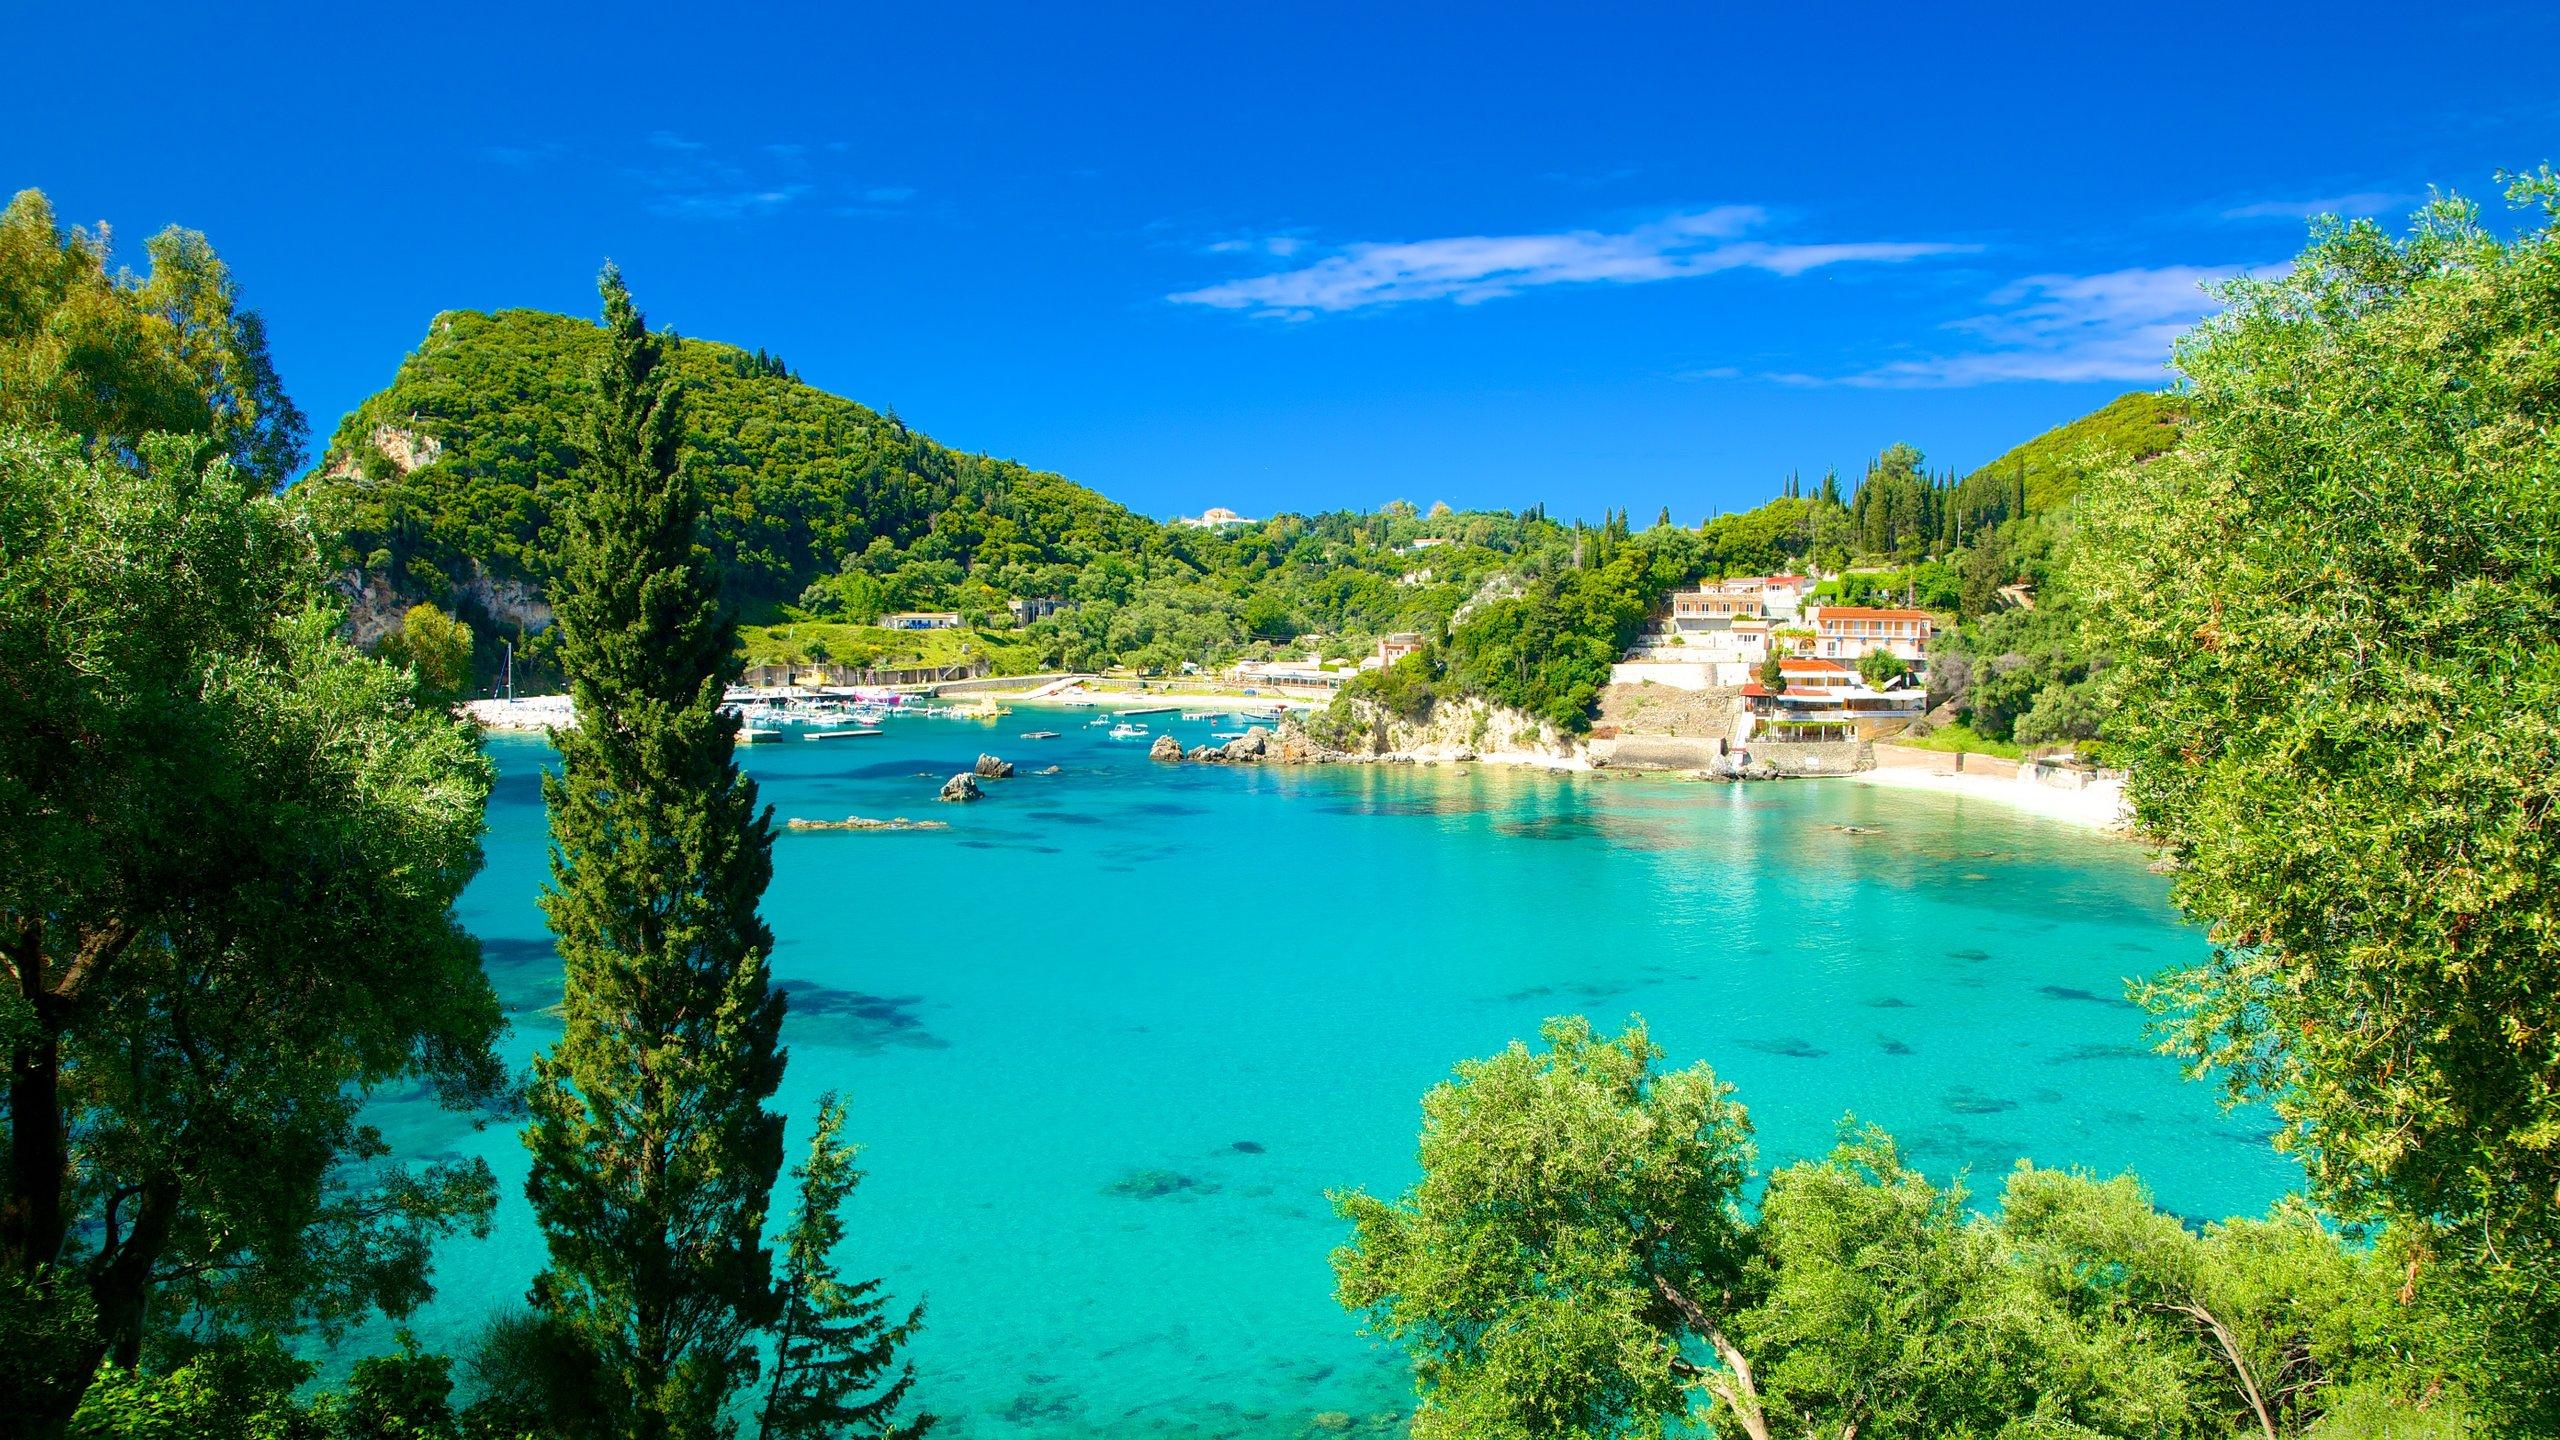 Acércate a esta bonita playa de la costa occidental de Corfú para bucear en aguas cristalinas, pasear por pintorescos olivares y disfrutar de momentos de concentración en un antiguo monasterio.